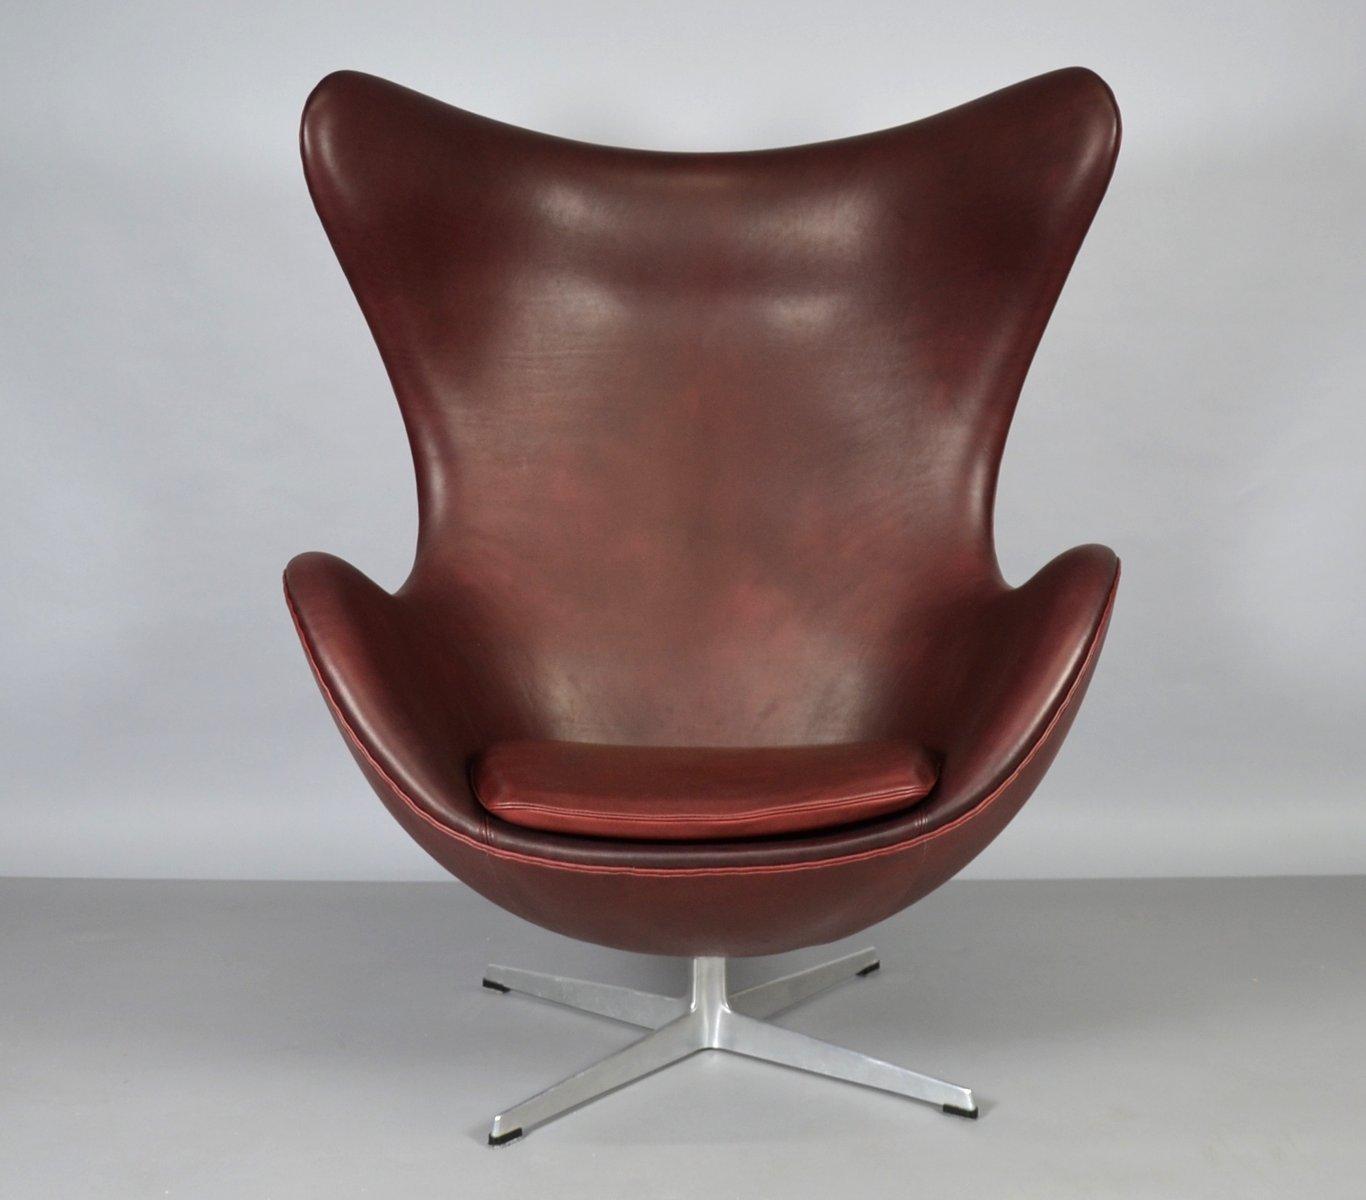 Lovely Leather Egg Chair #12 - Leather Egg Chair By Arne Jacobsen For Fritz Hansen, 1965